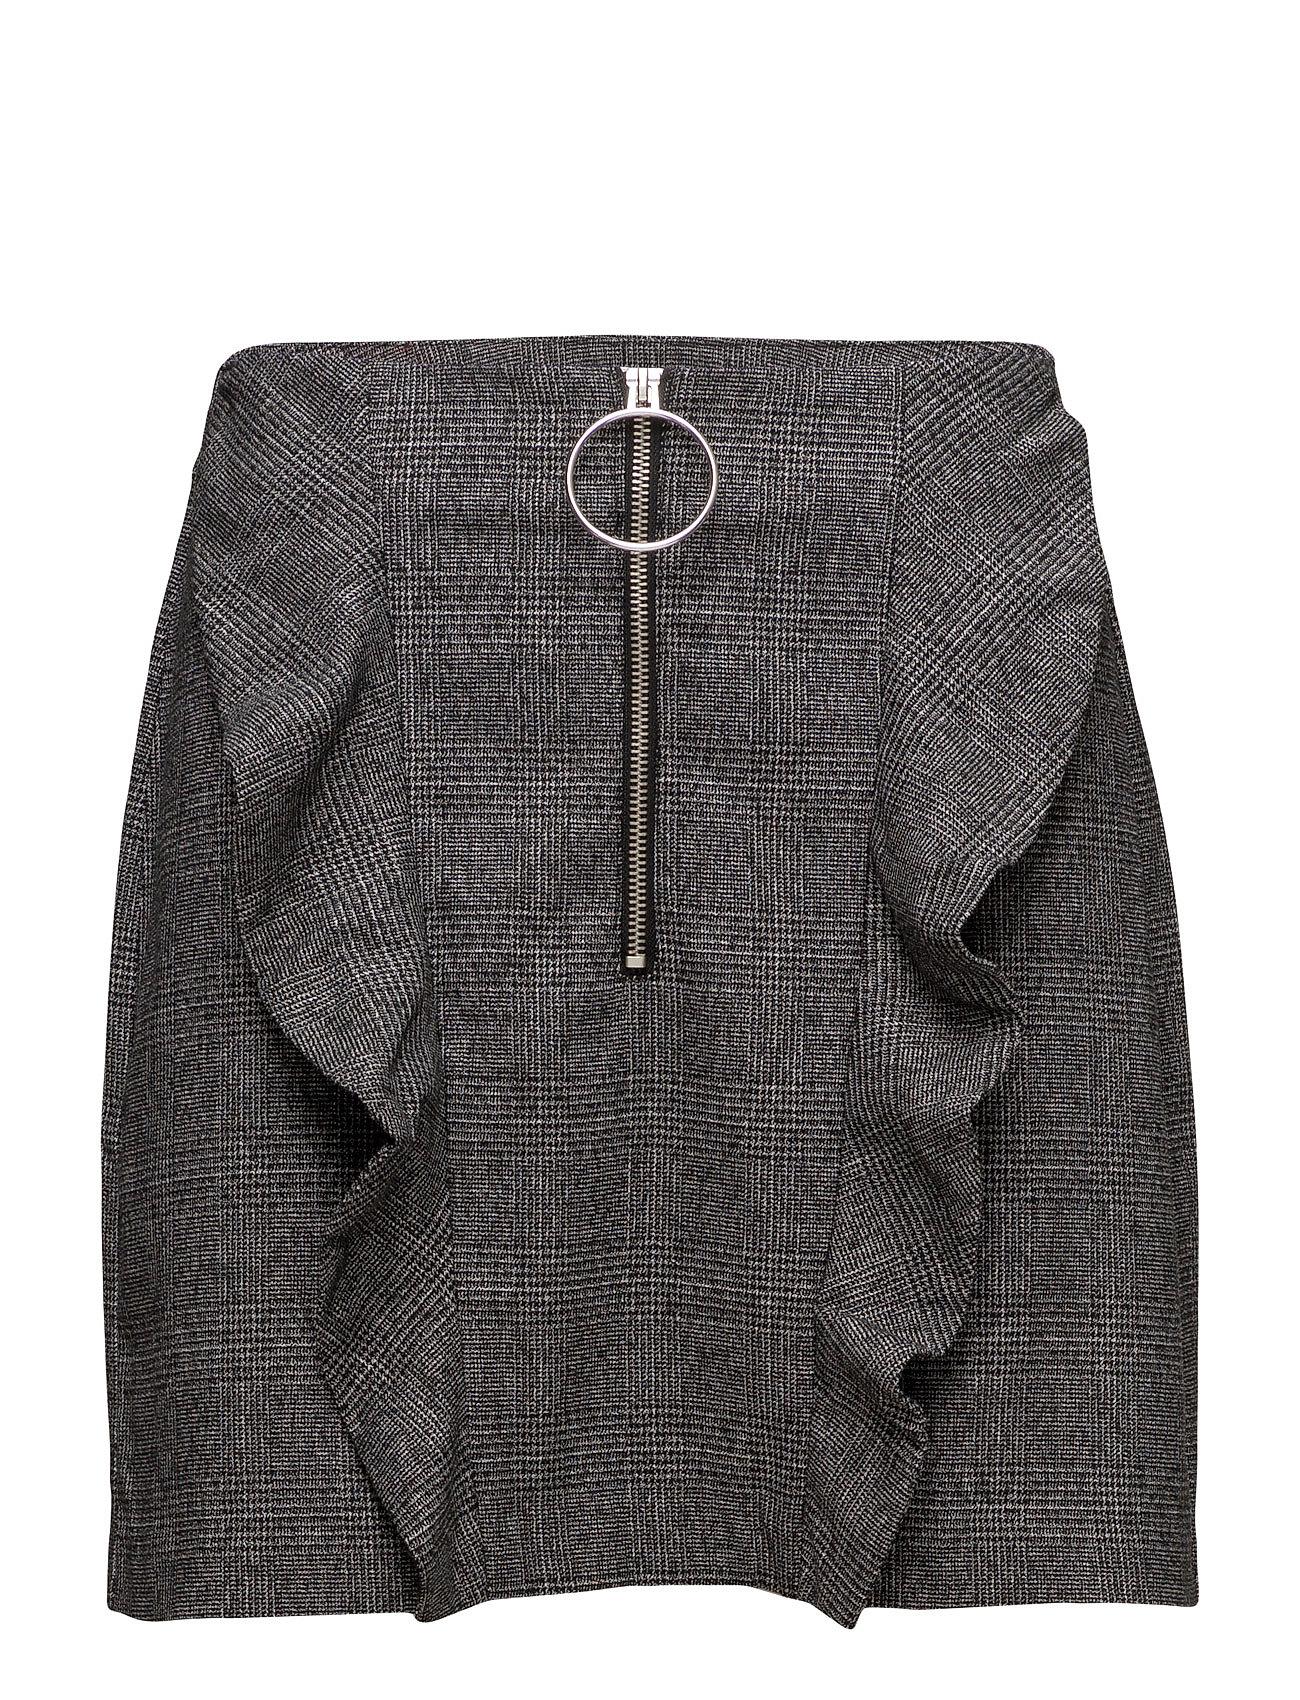 Check Pattern Ruffled Skirt Mango Korte til Damer i Sort